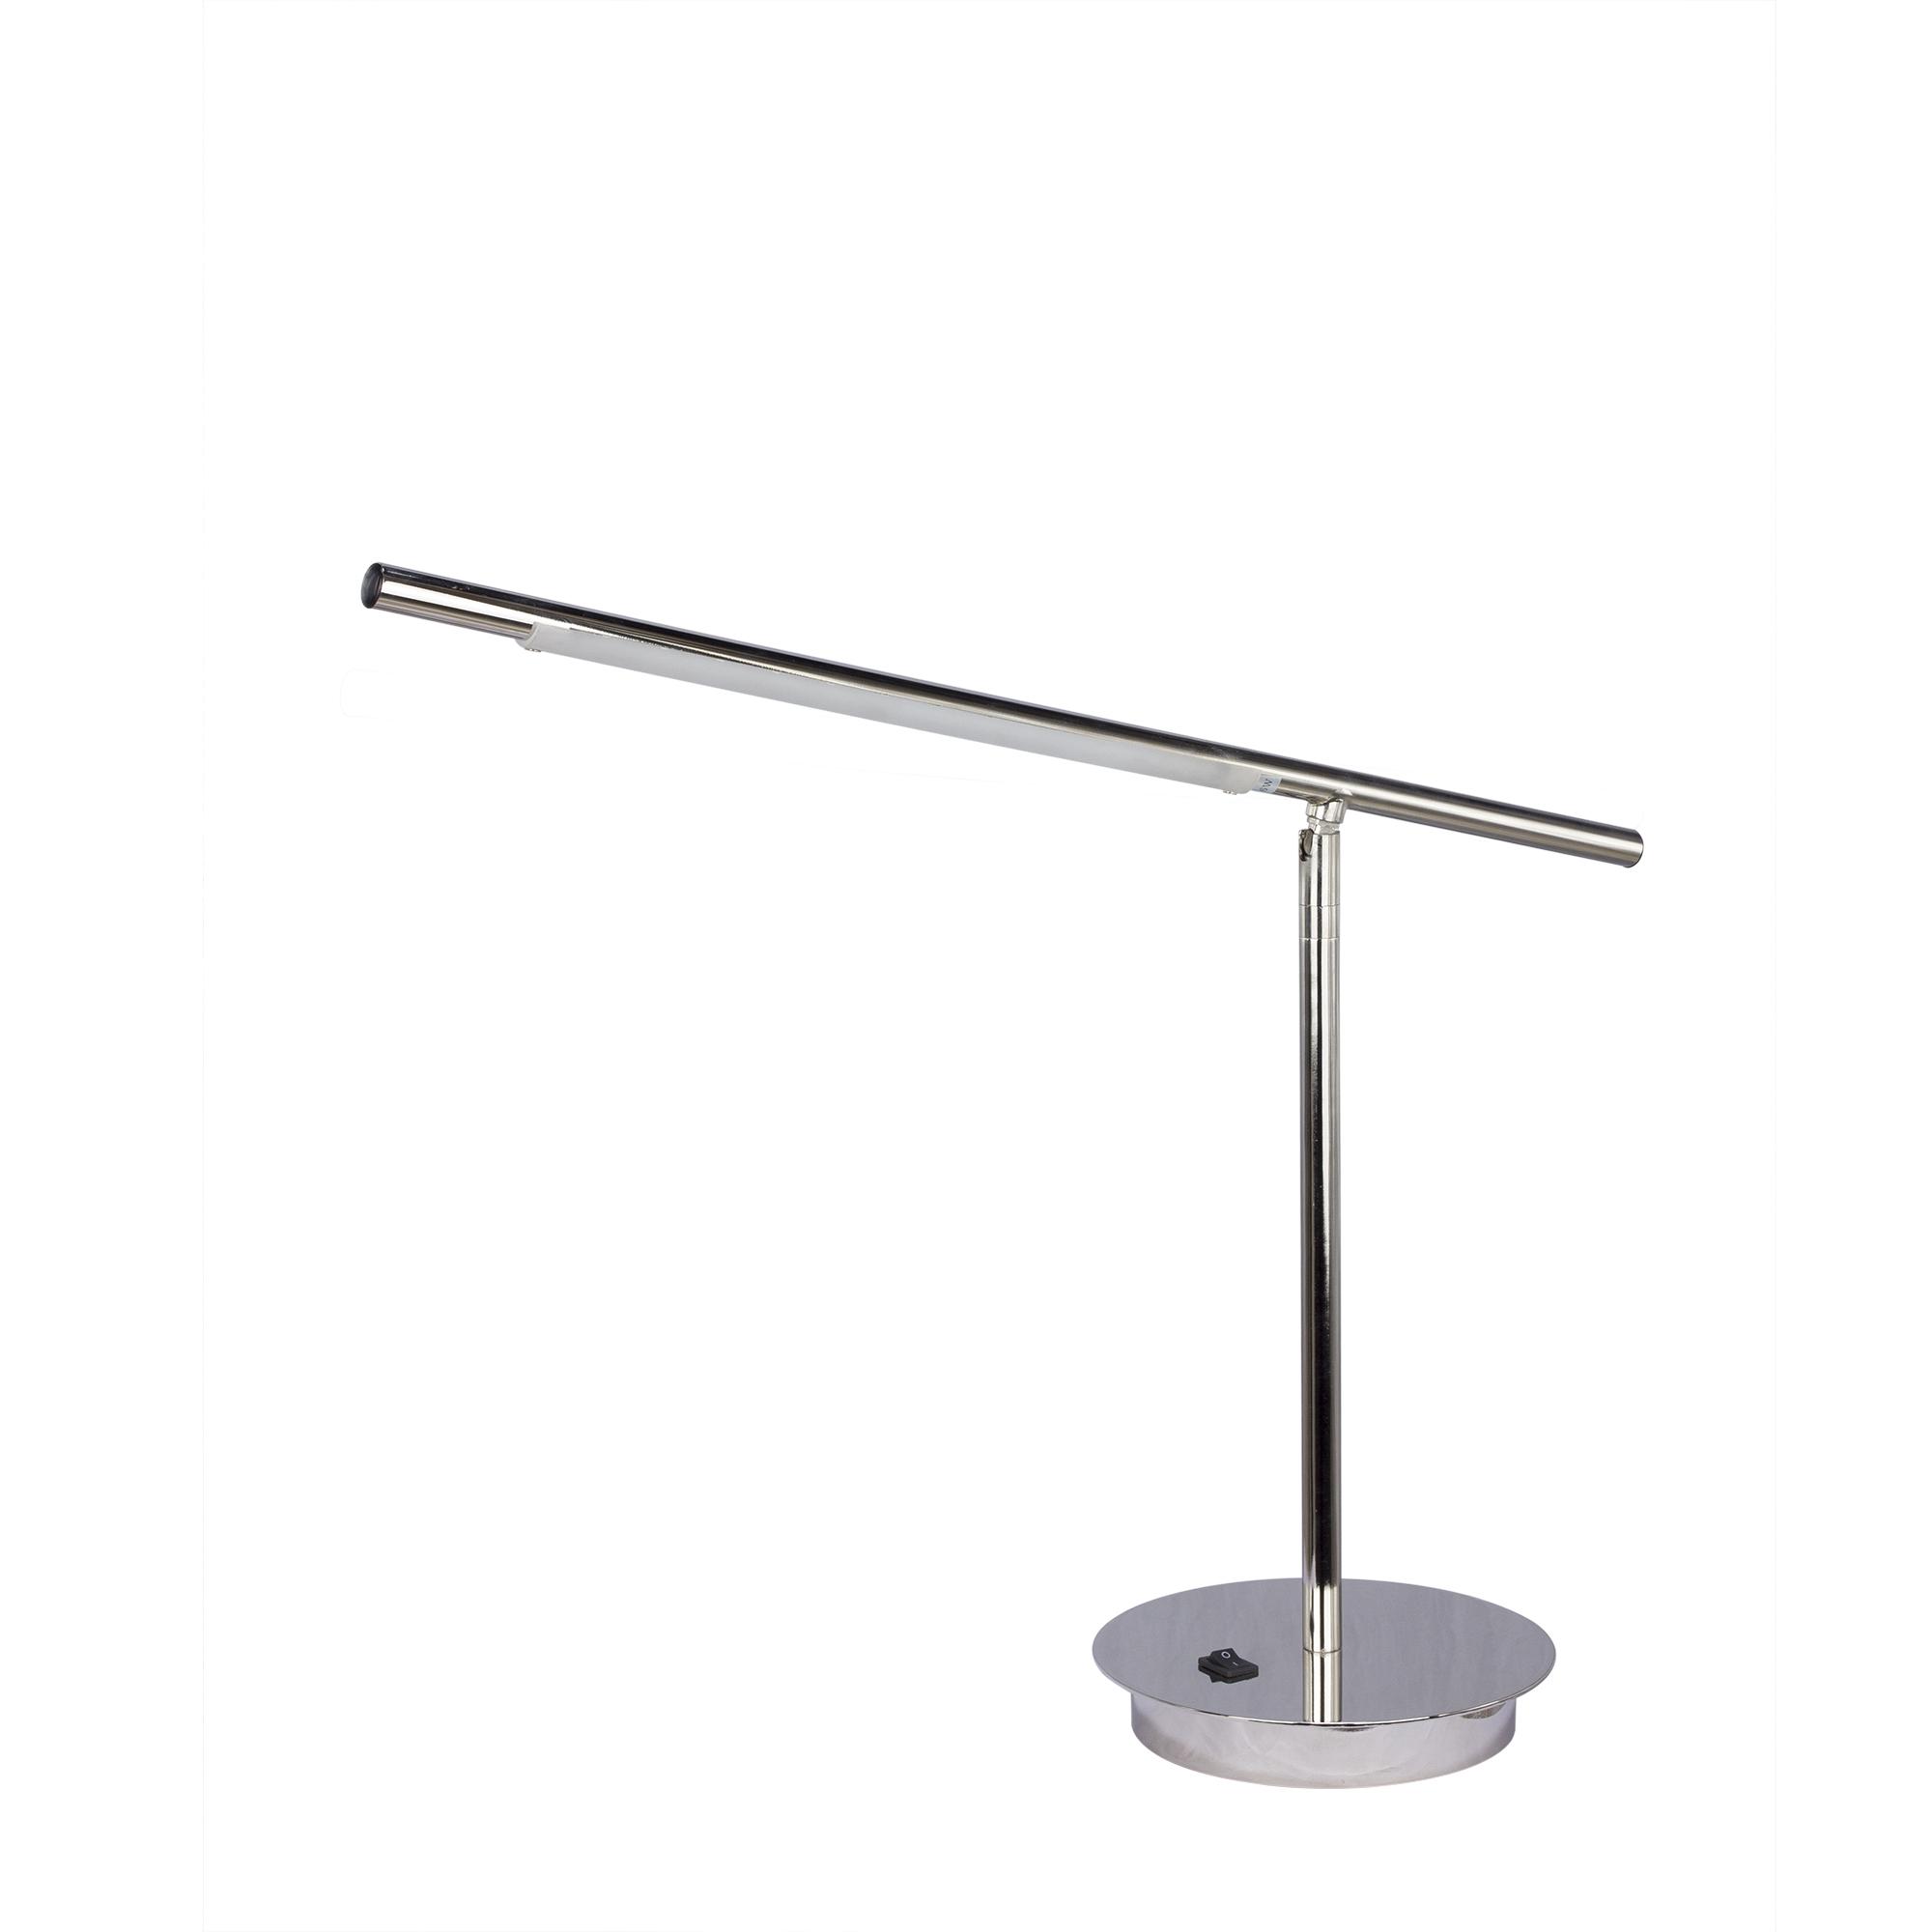 Fangio Lighting 1446SC LED Metal Table Lamp 7 x 7 x 22 Satin Chrome